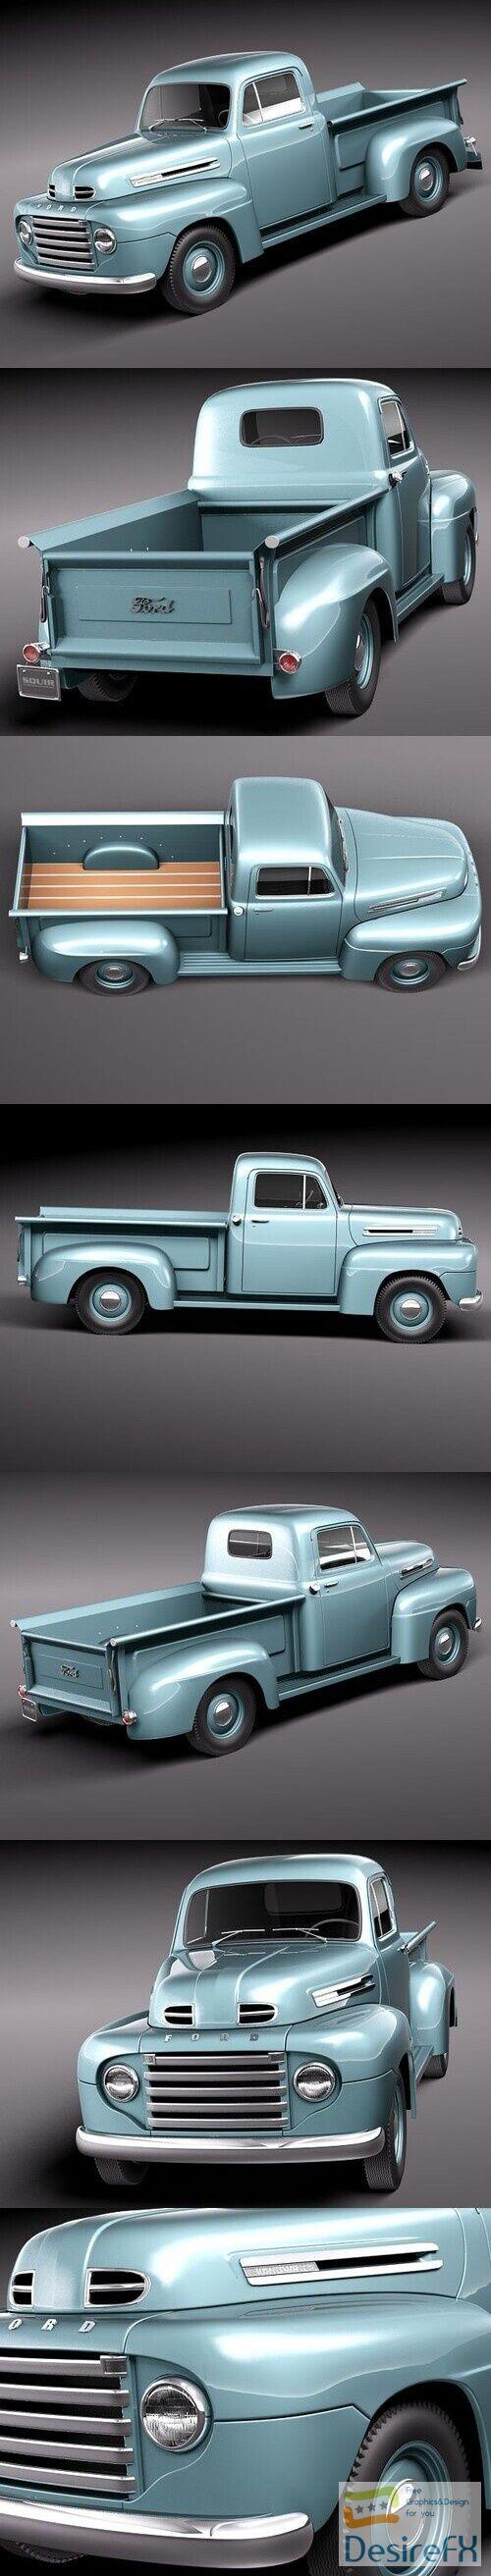 Ford F1 Pickup Truck 1950 3D Model